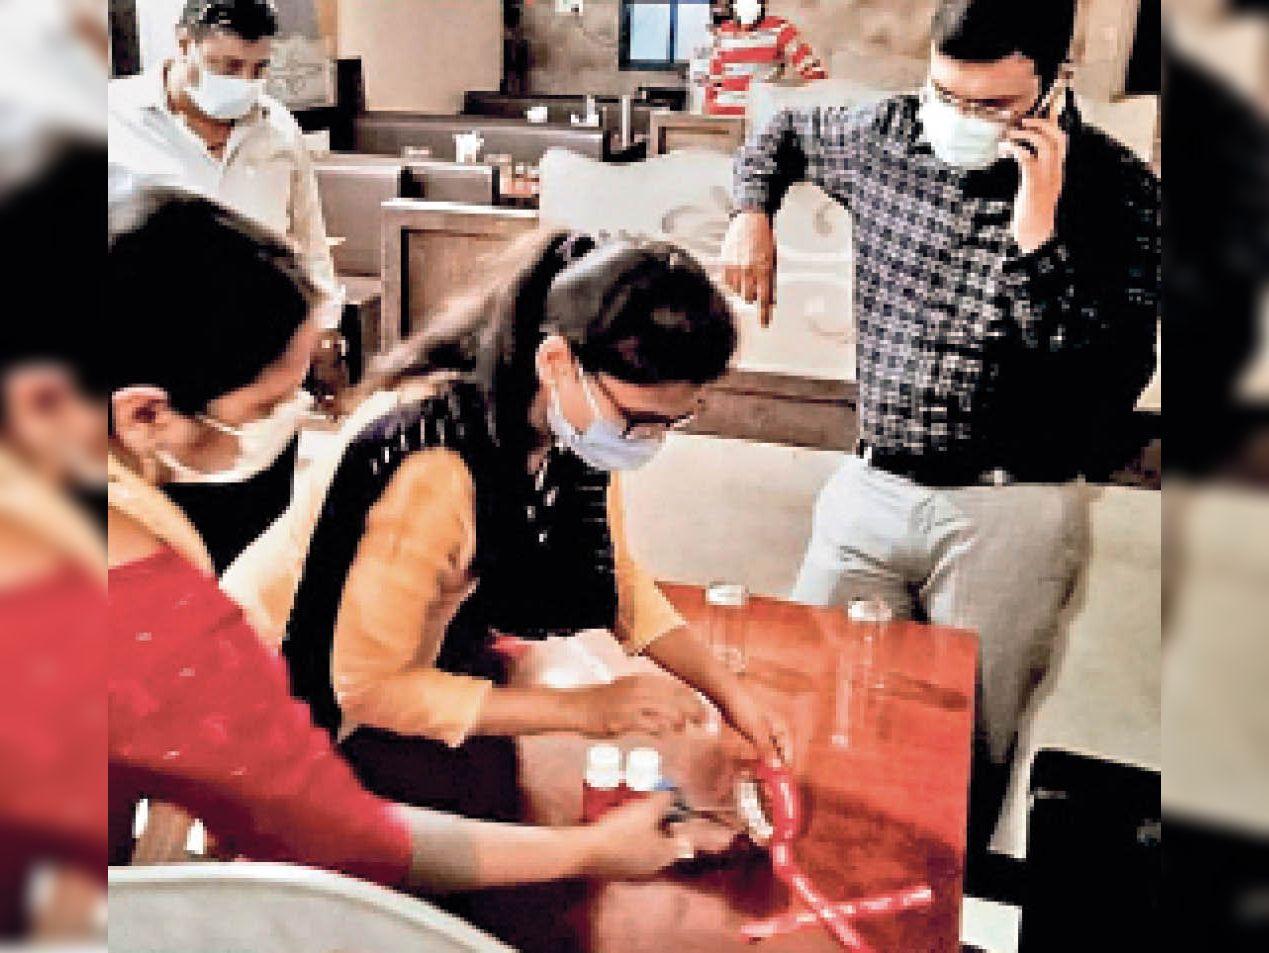 6 सीट वाली टेबल पर तीन व चार वाली पर दो ही कर सकेंगे भोजन|रतलाम,Ratlam - Dainik Bhaskar